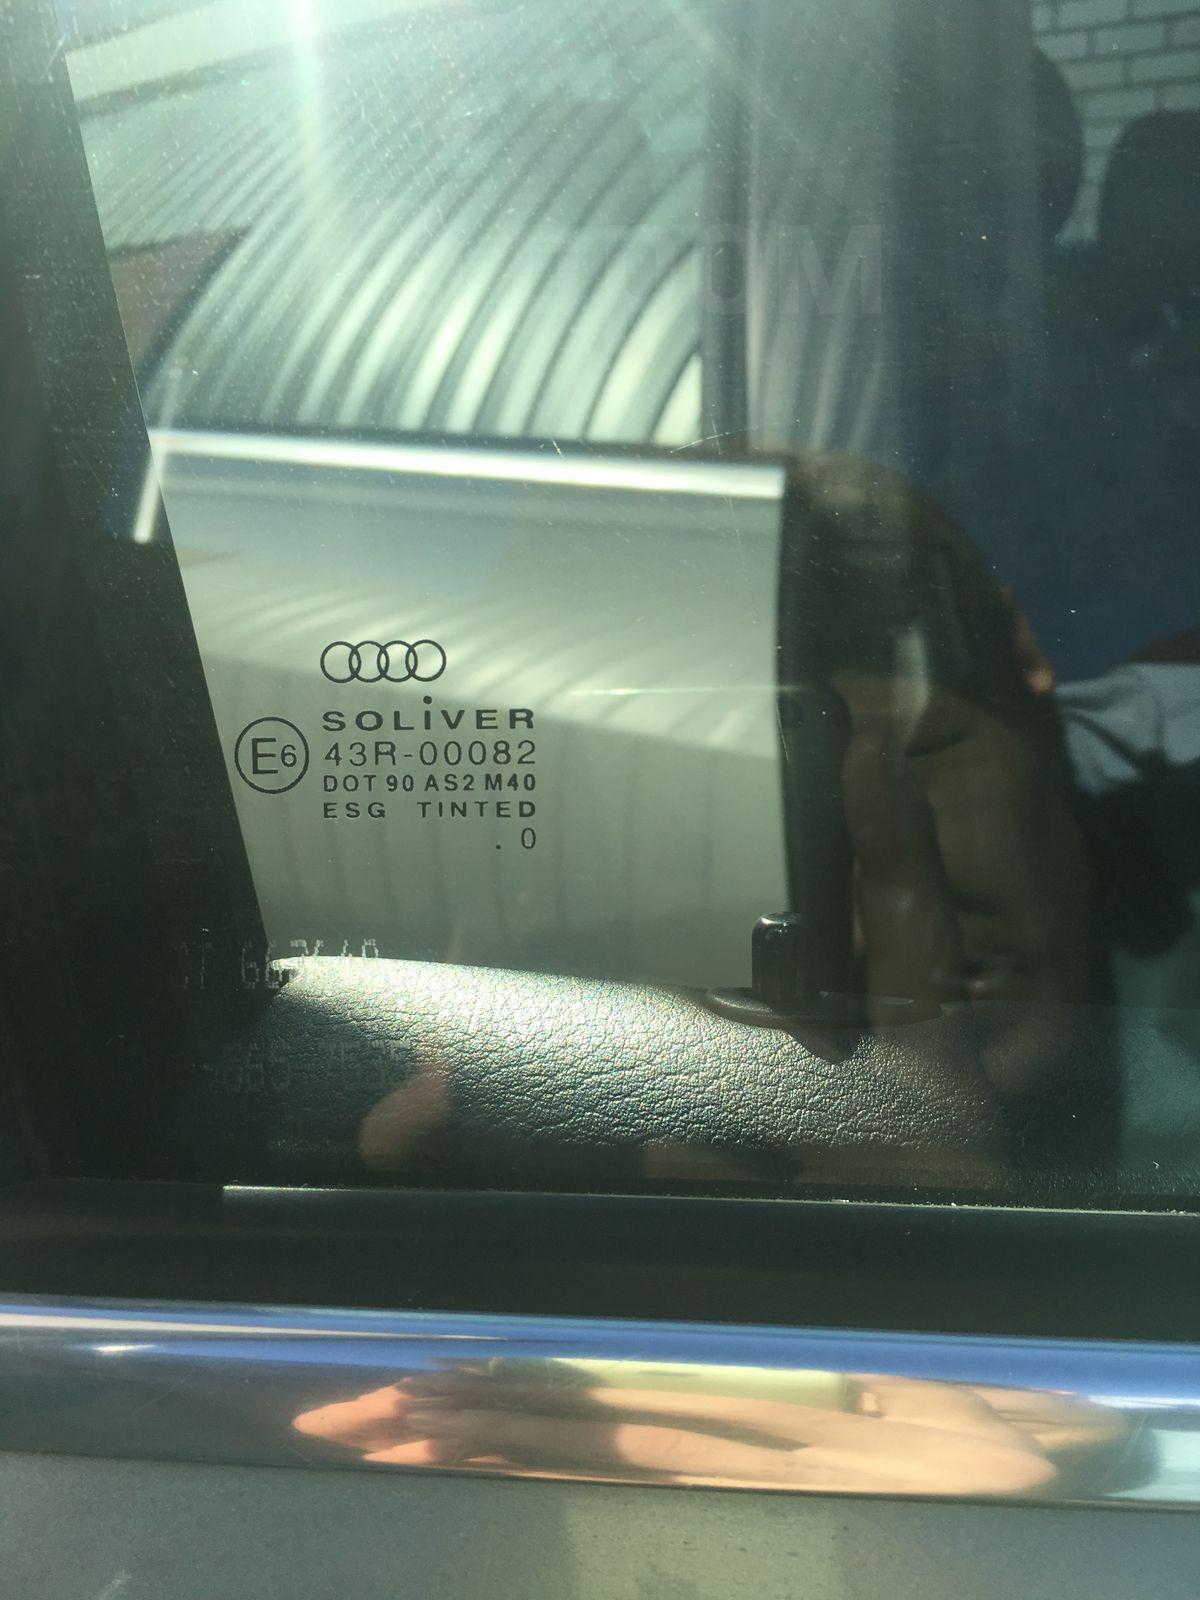 Купить Audi A6 allroad quattro 2001 в БарнауРе АвтомобиРь в